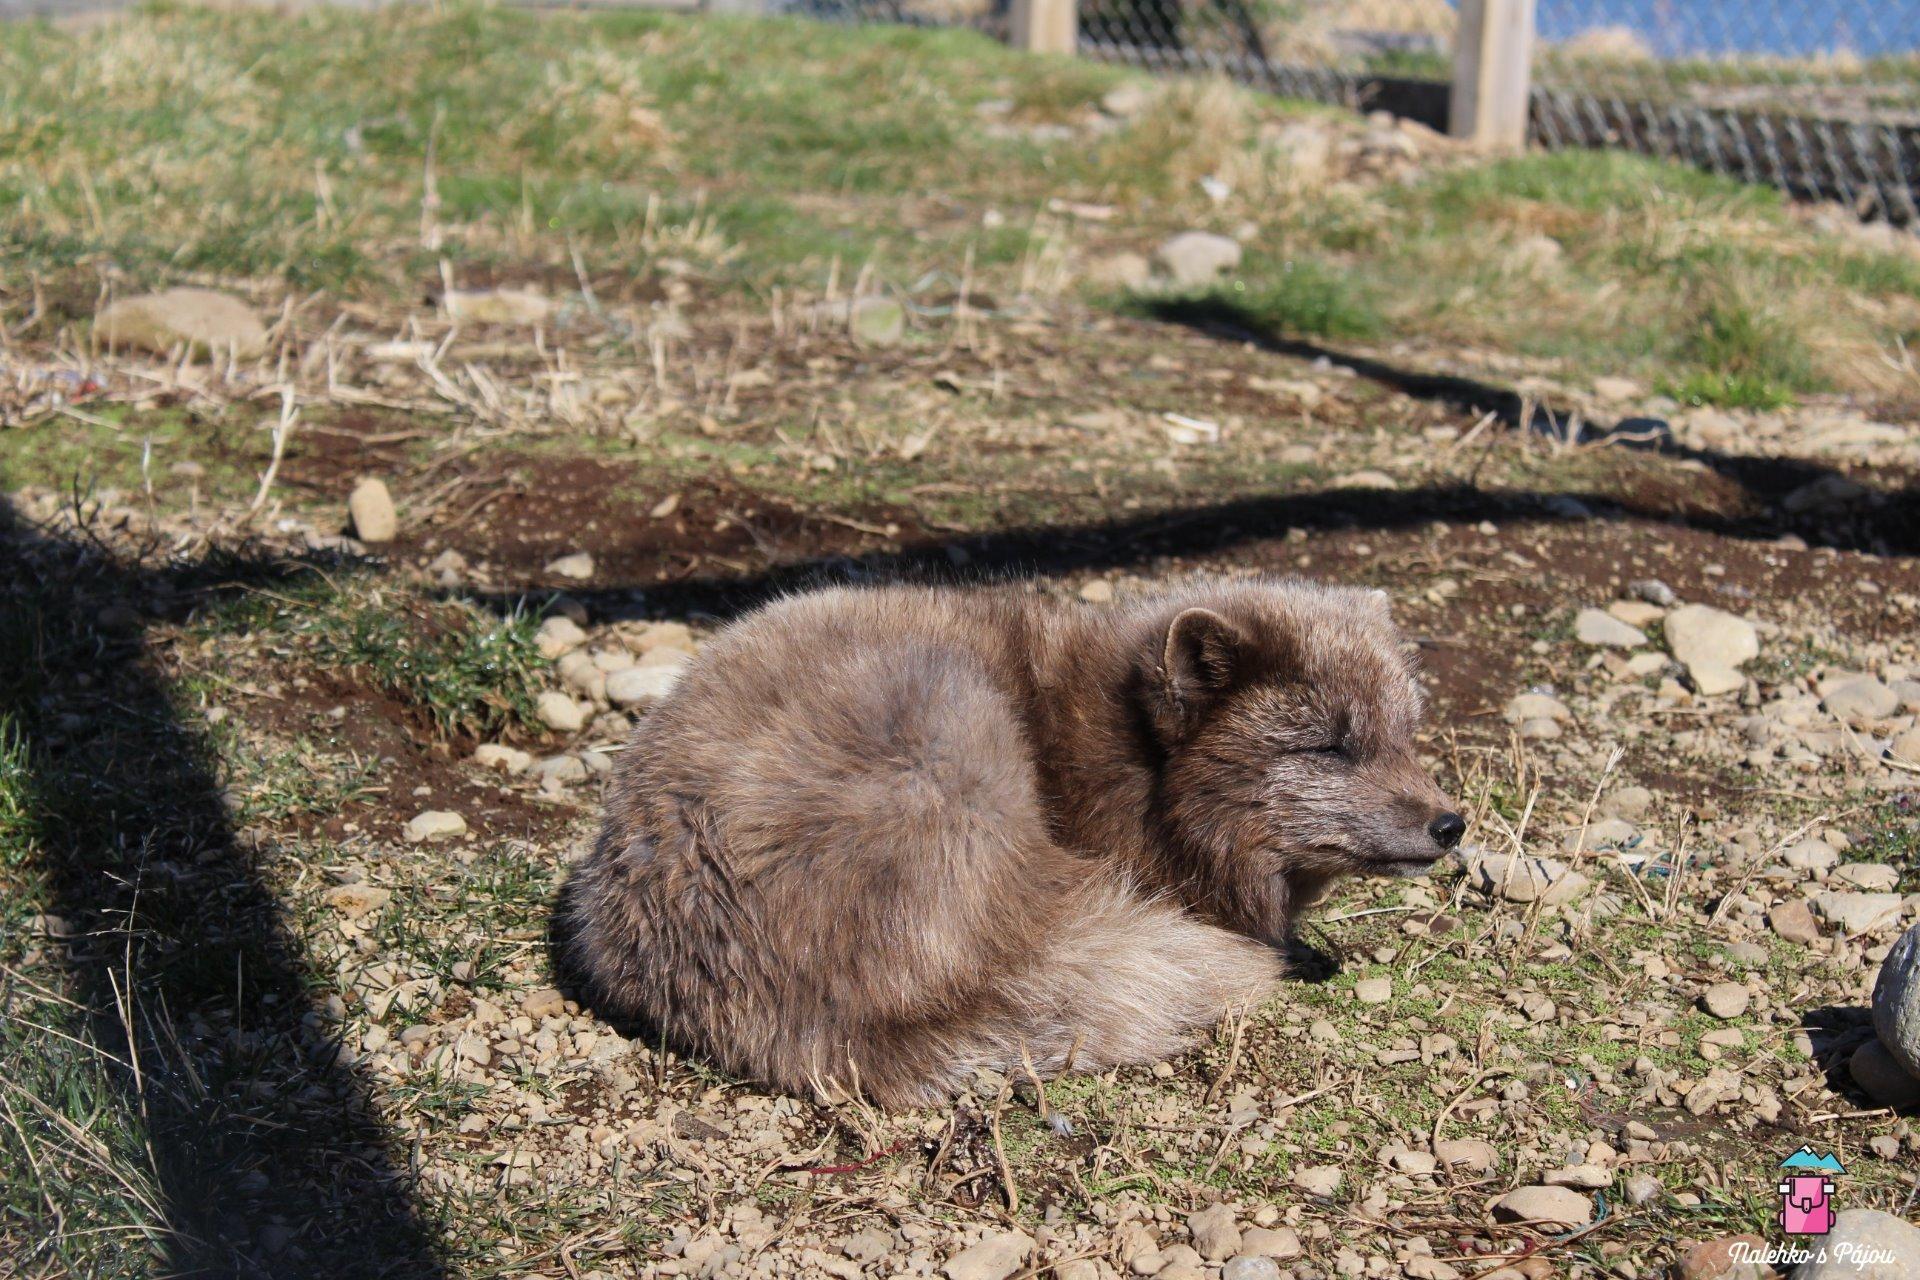 The arctic fox centre a výběh s polárními liškami